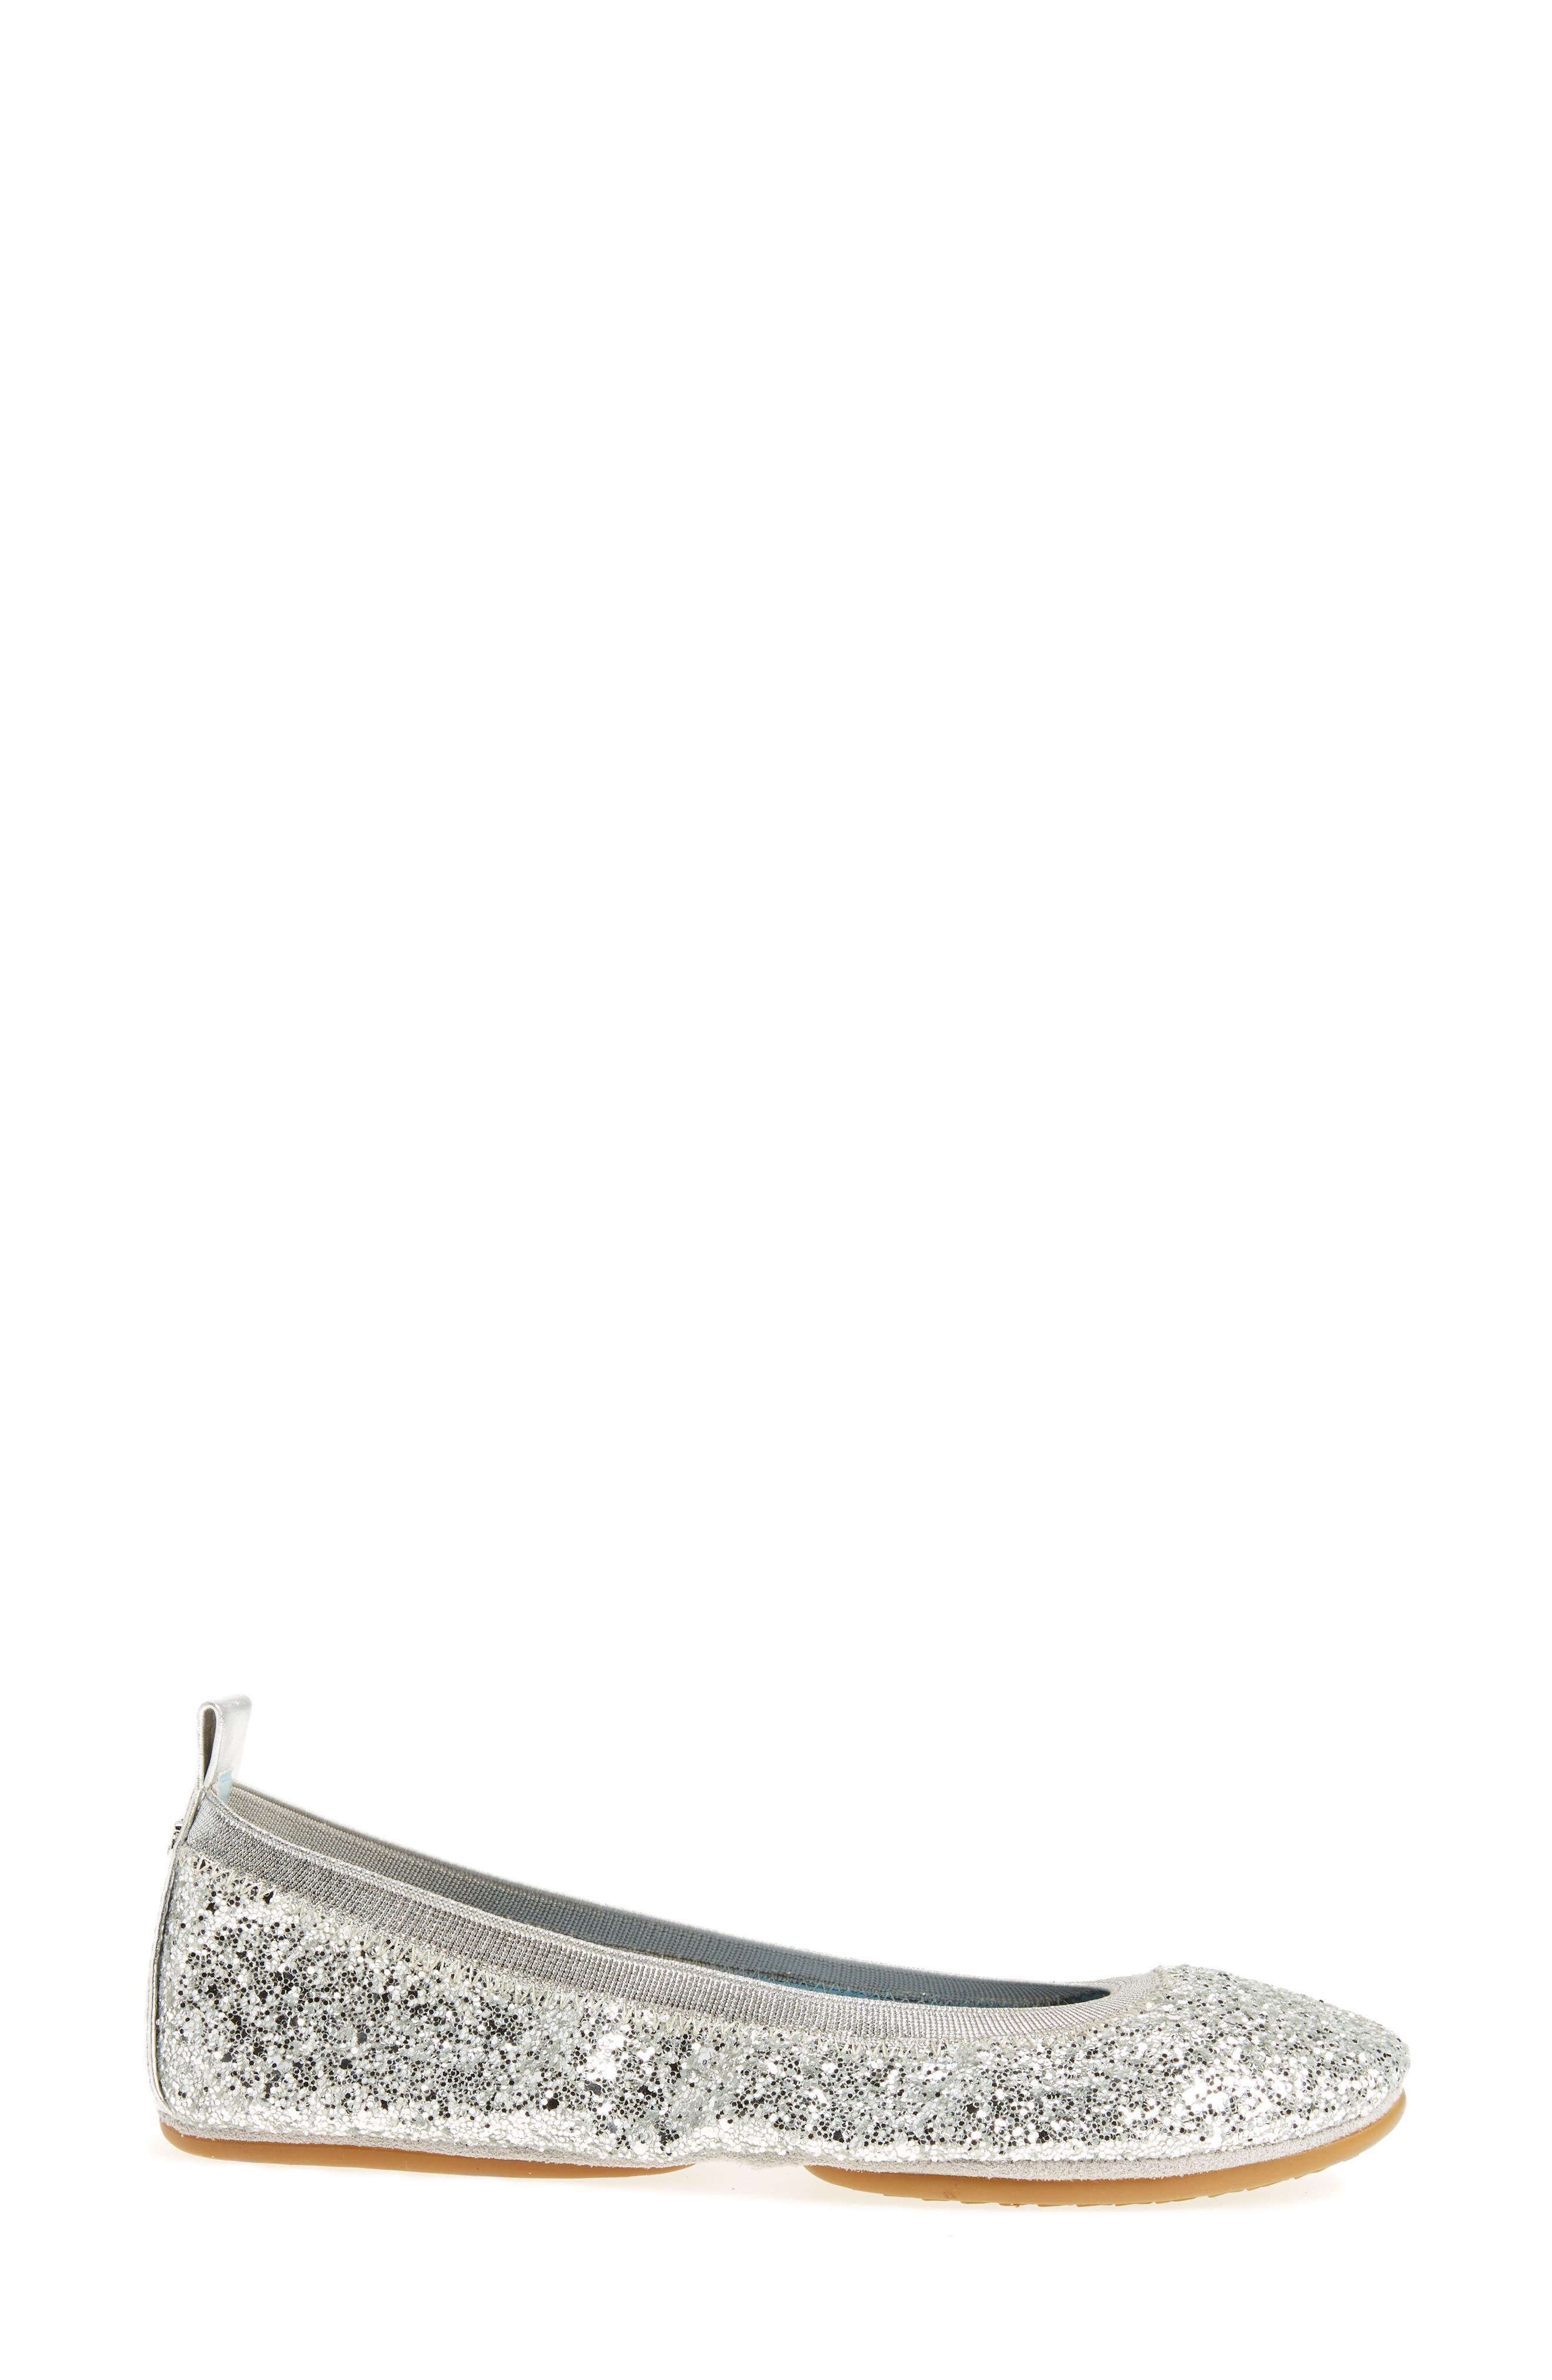 Serna Foldable Glitter Ballet Flat,                             Alternate thumbnail 3, color,                             Platinum Glitter